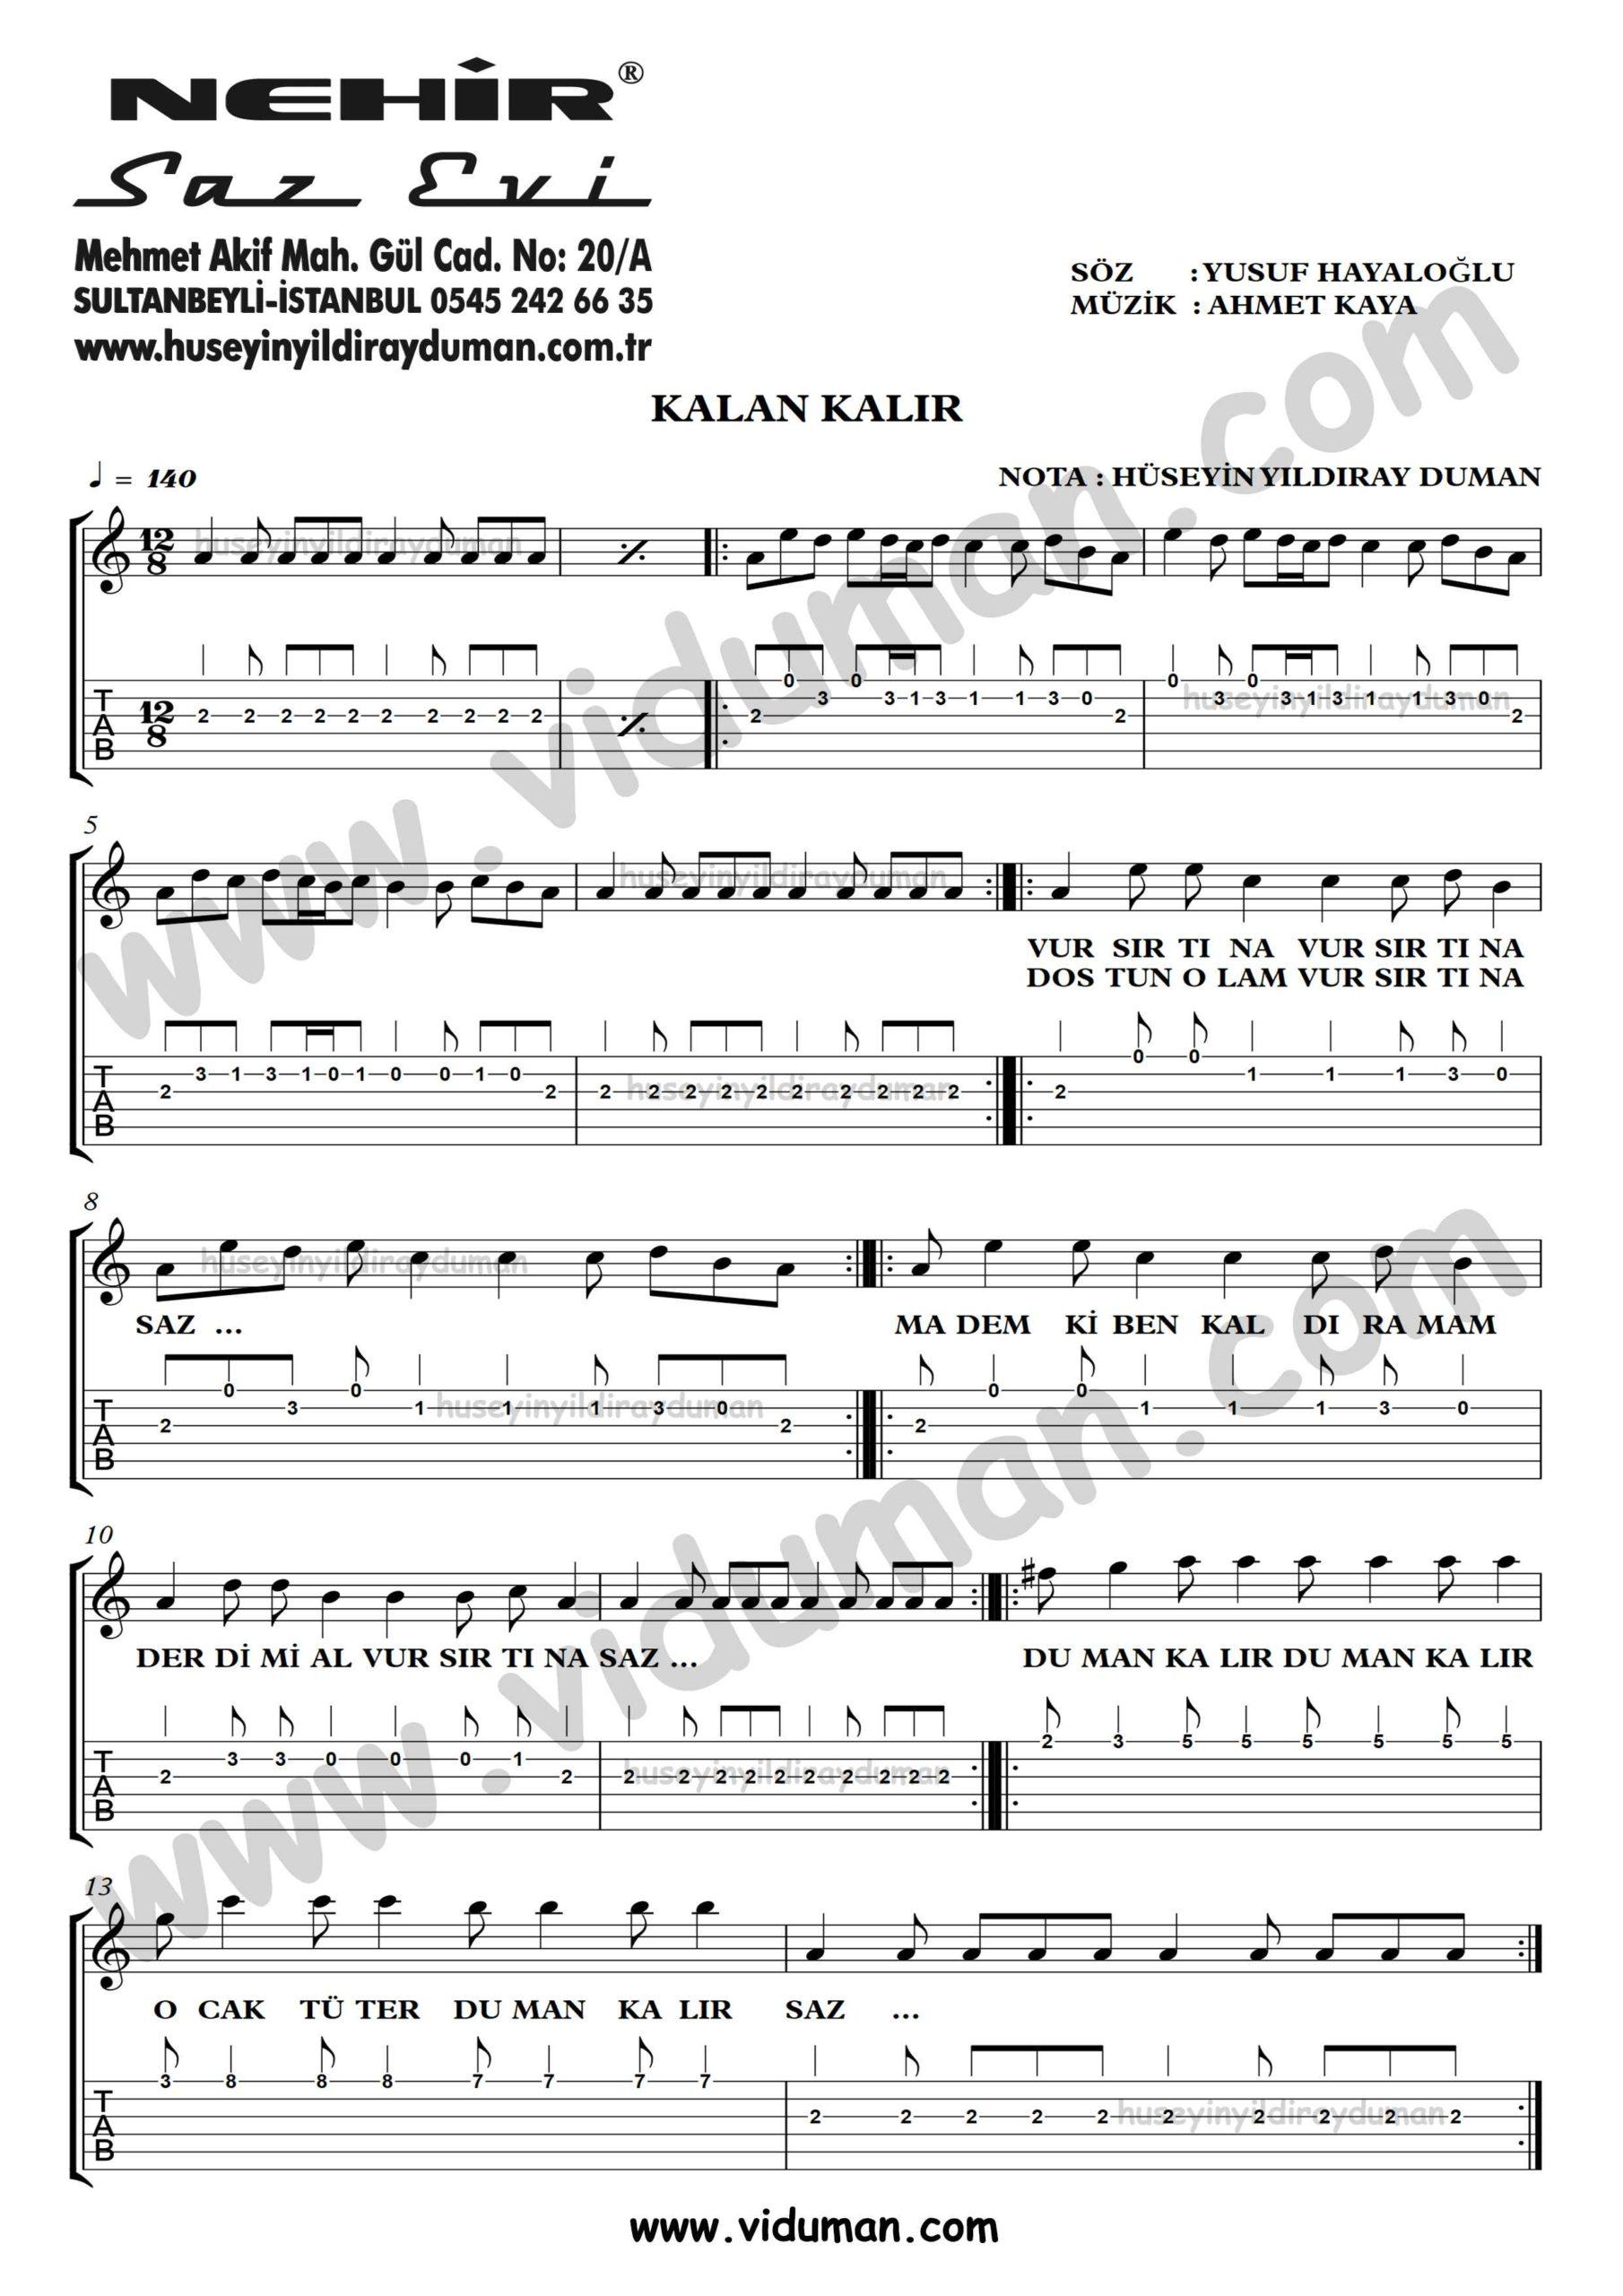 Kalan Kalir_1-Ahmet Kaya-Gitar Tab-Solo Notalari